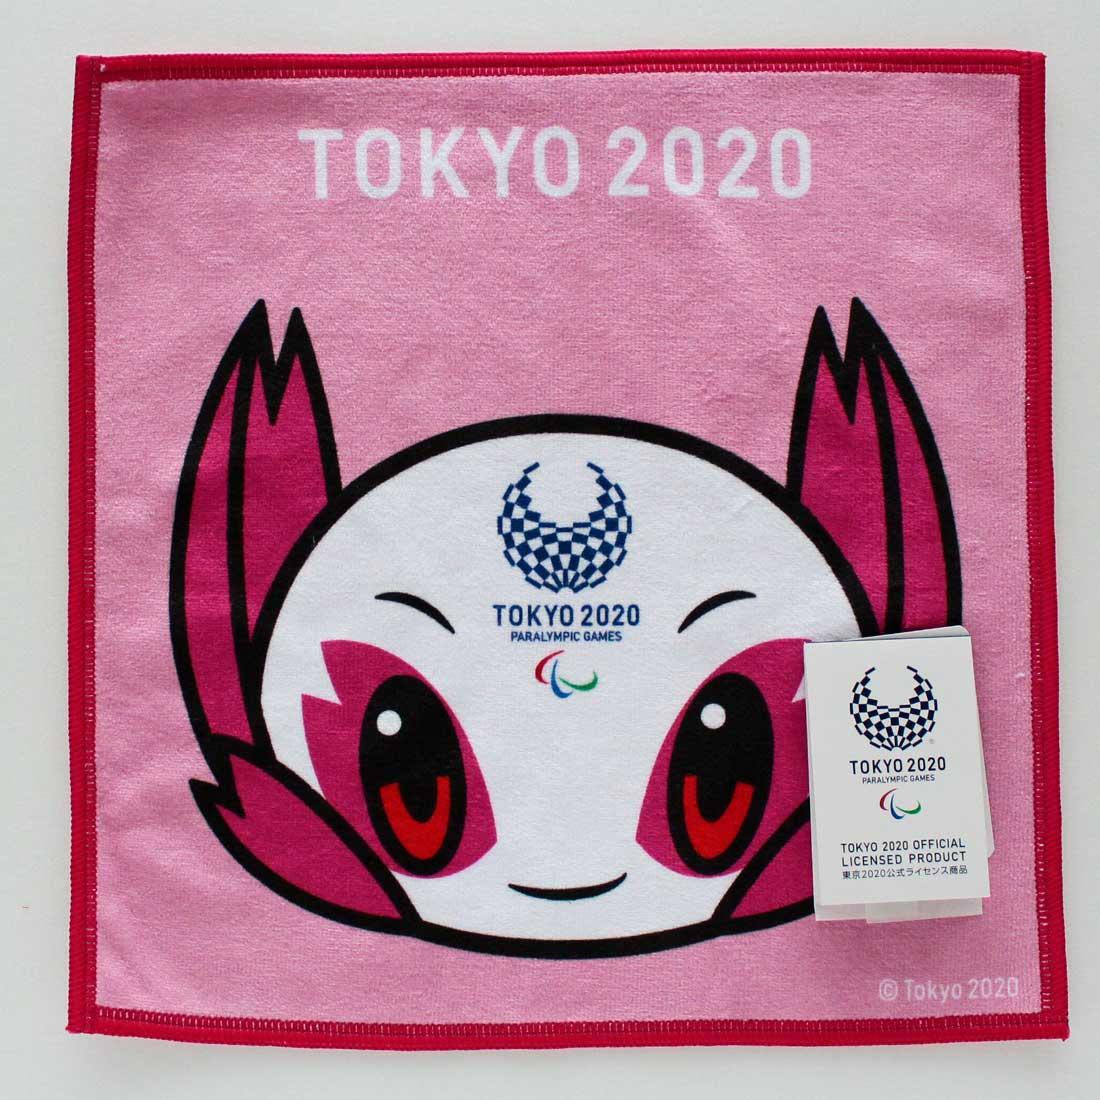 東京2020公式ライセンス商品 引出物 SALE 800円→300円 東京2020パラリンピックマスコット ピンク 最安値挑戦 マルチハンカチーフ 0001